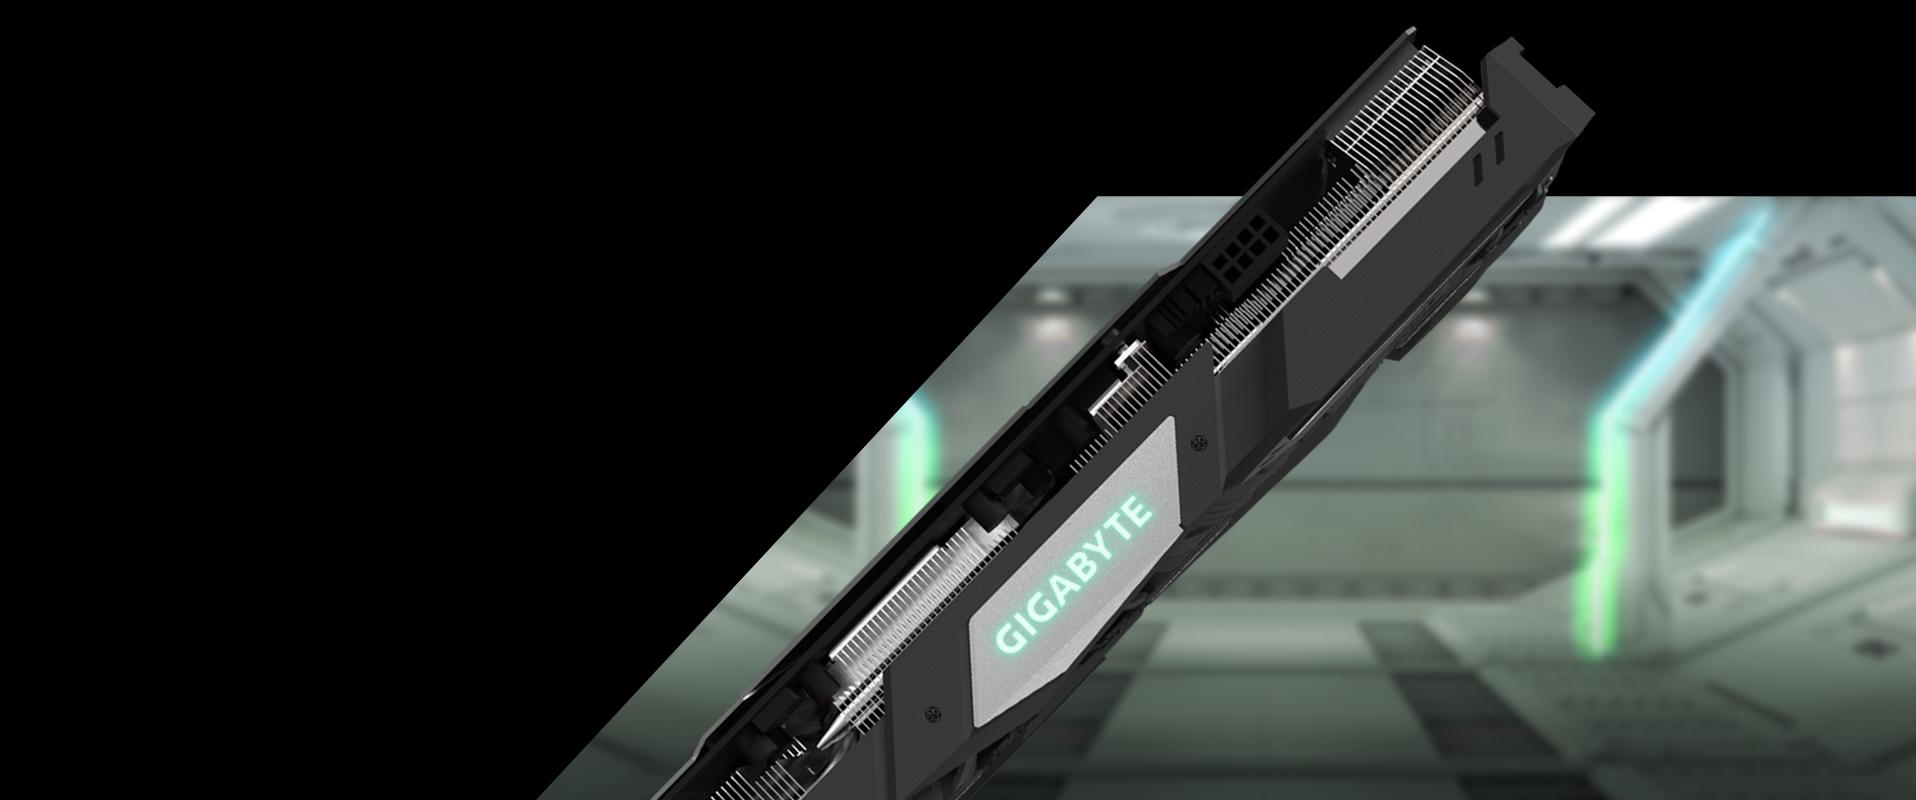 Gigabyte Radeon RX 5700 GAMING OC 8G 8